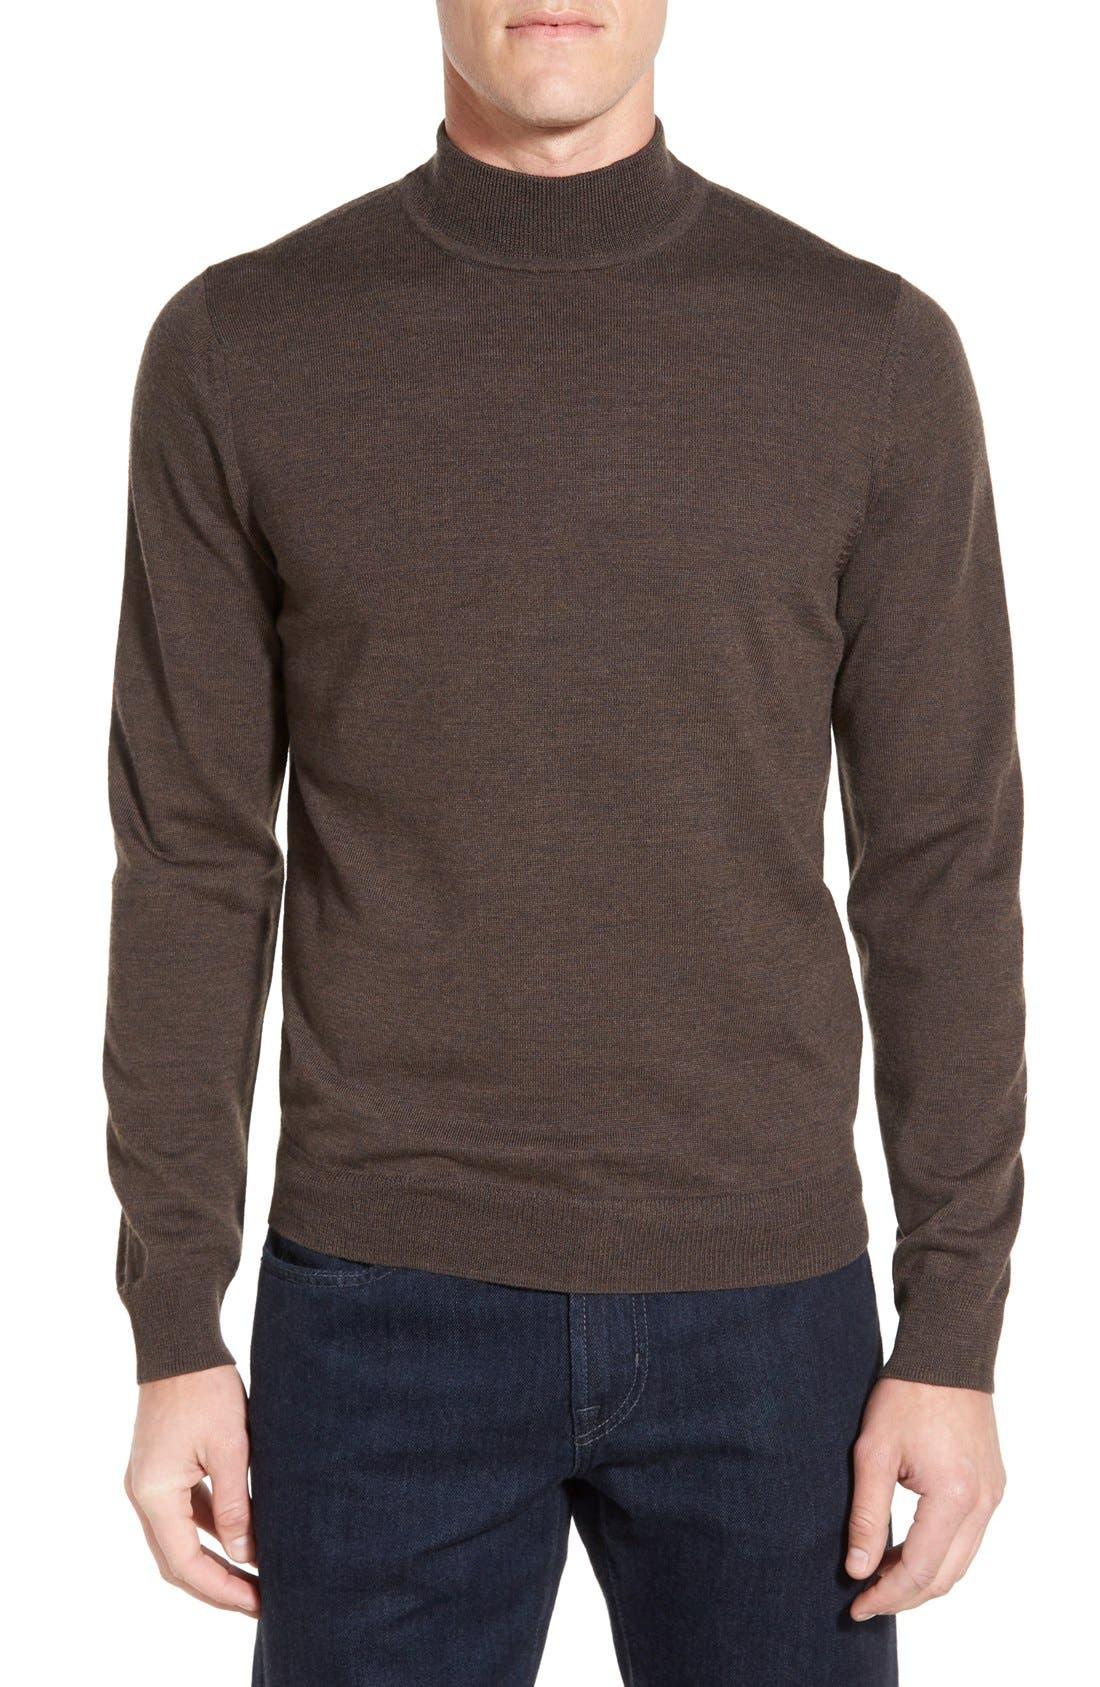 Men's Brown Sweaters | Nordstrom